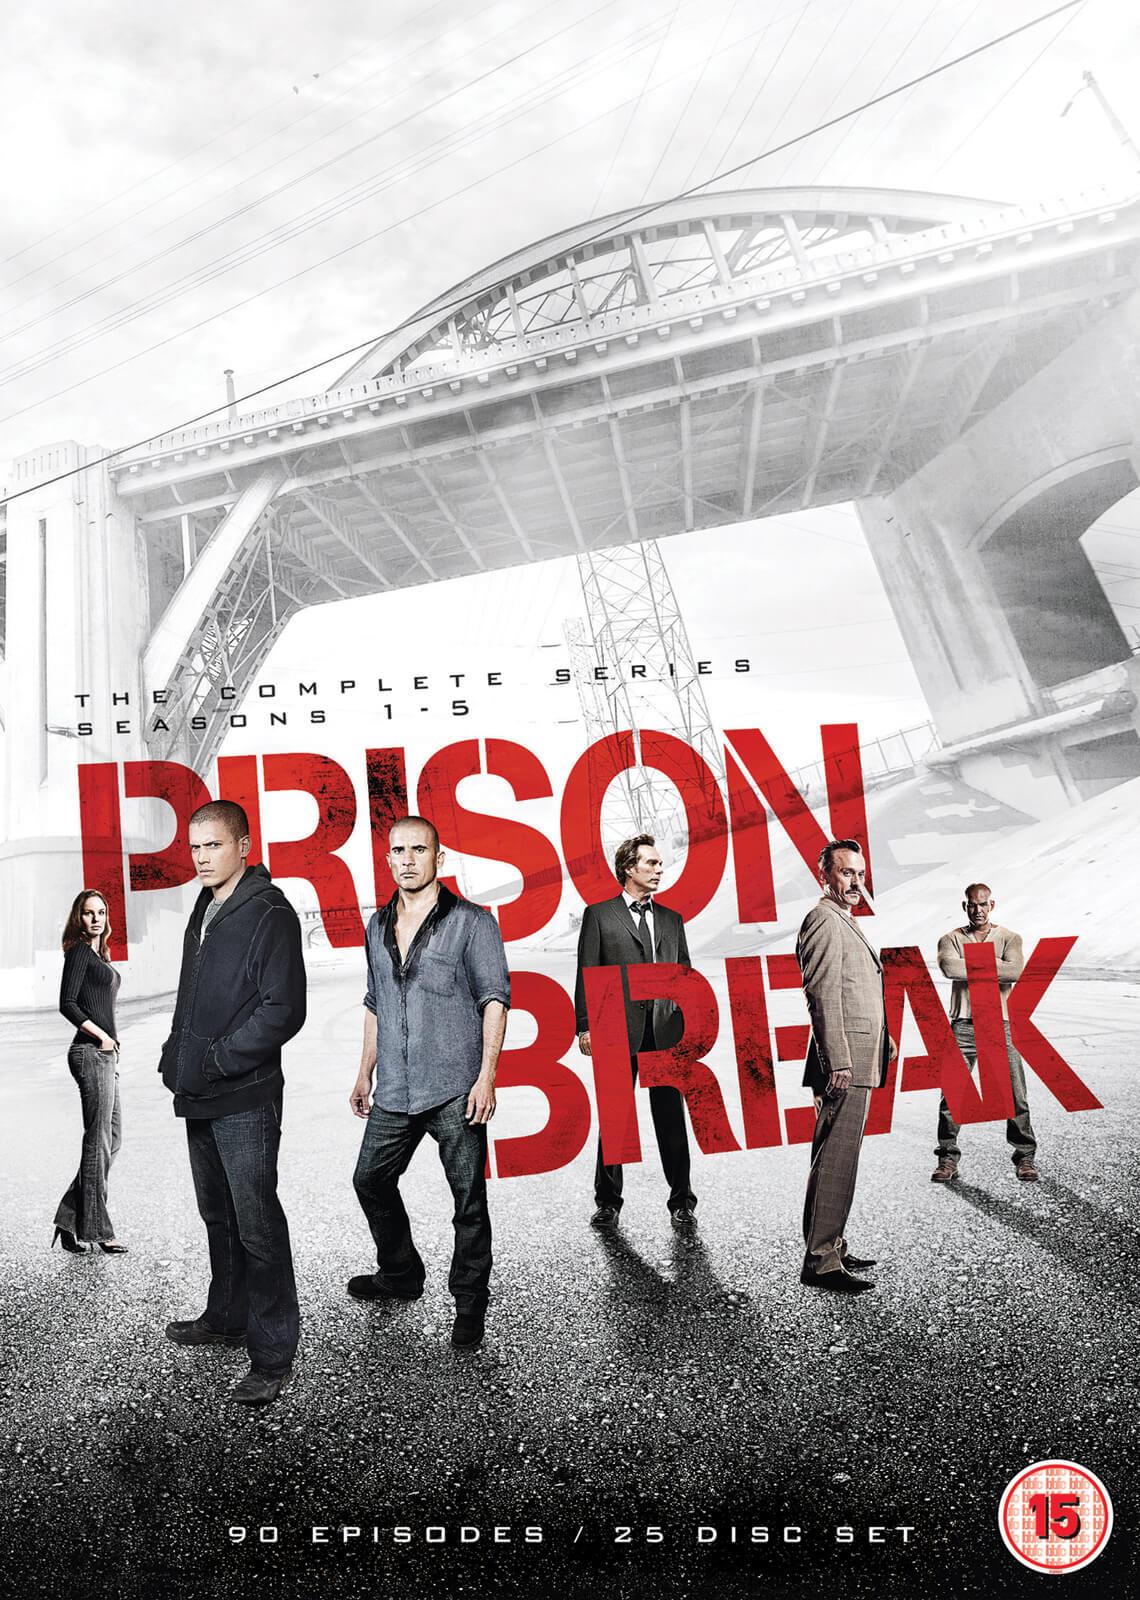 20th Century Fox Prison Break - Season 1-5 Complete Boxset